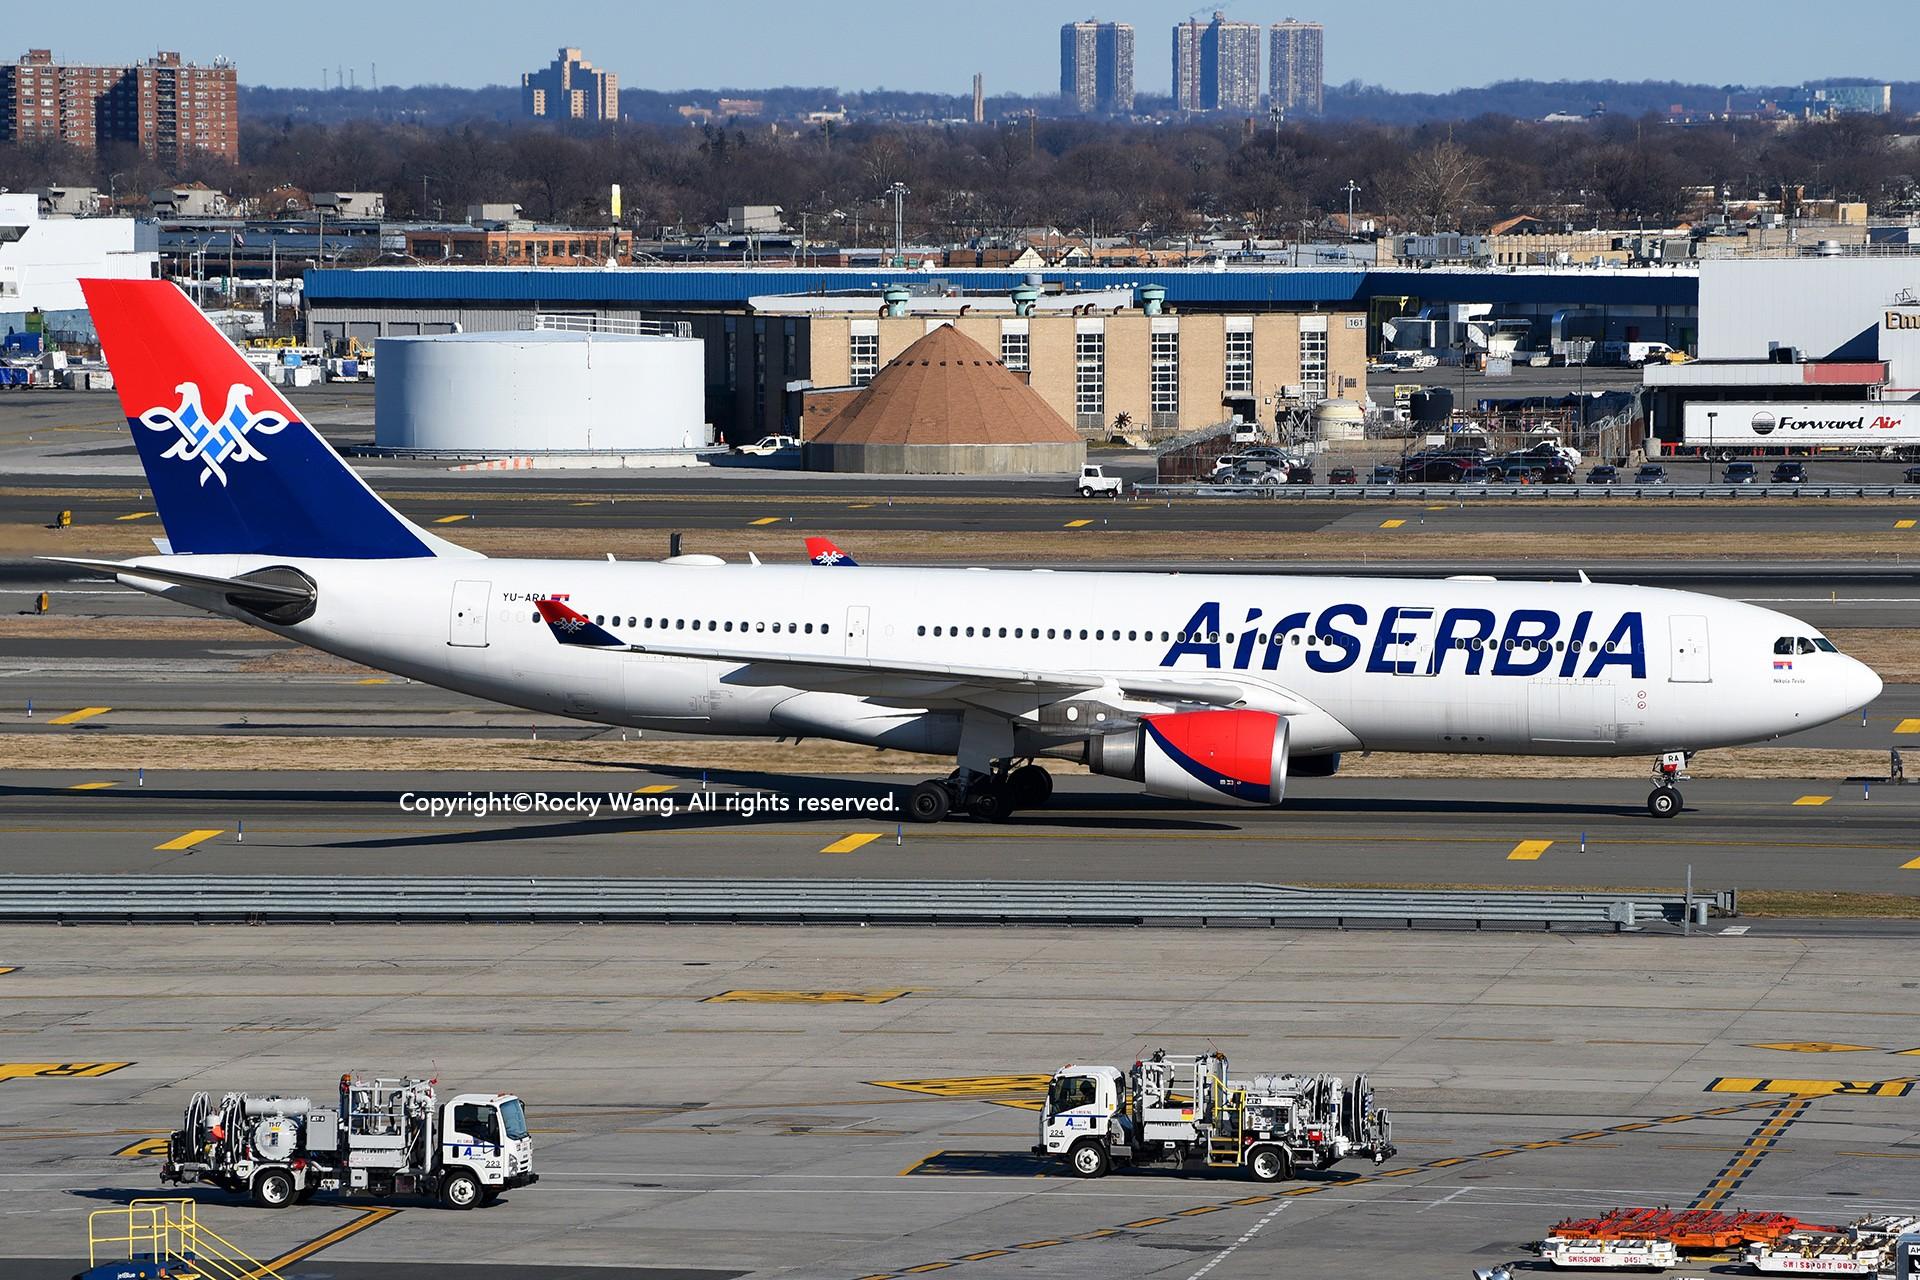 Re:[原创]KJFK 30图 AIRBUS A330-202 YU-ARA New York John F. Kennedy Int'l Airport